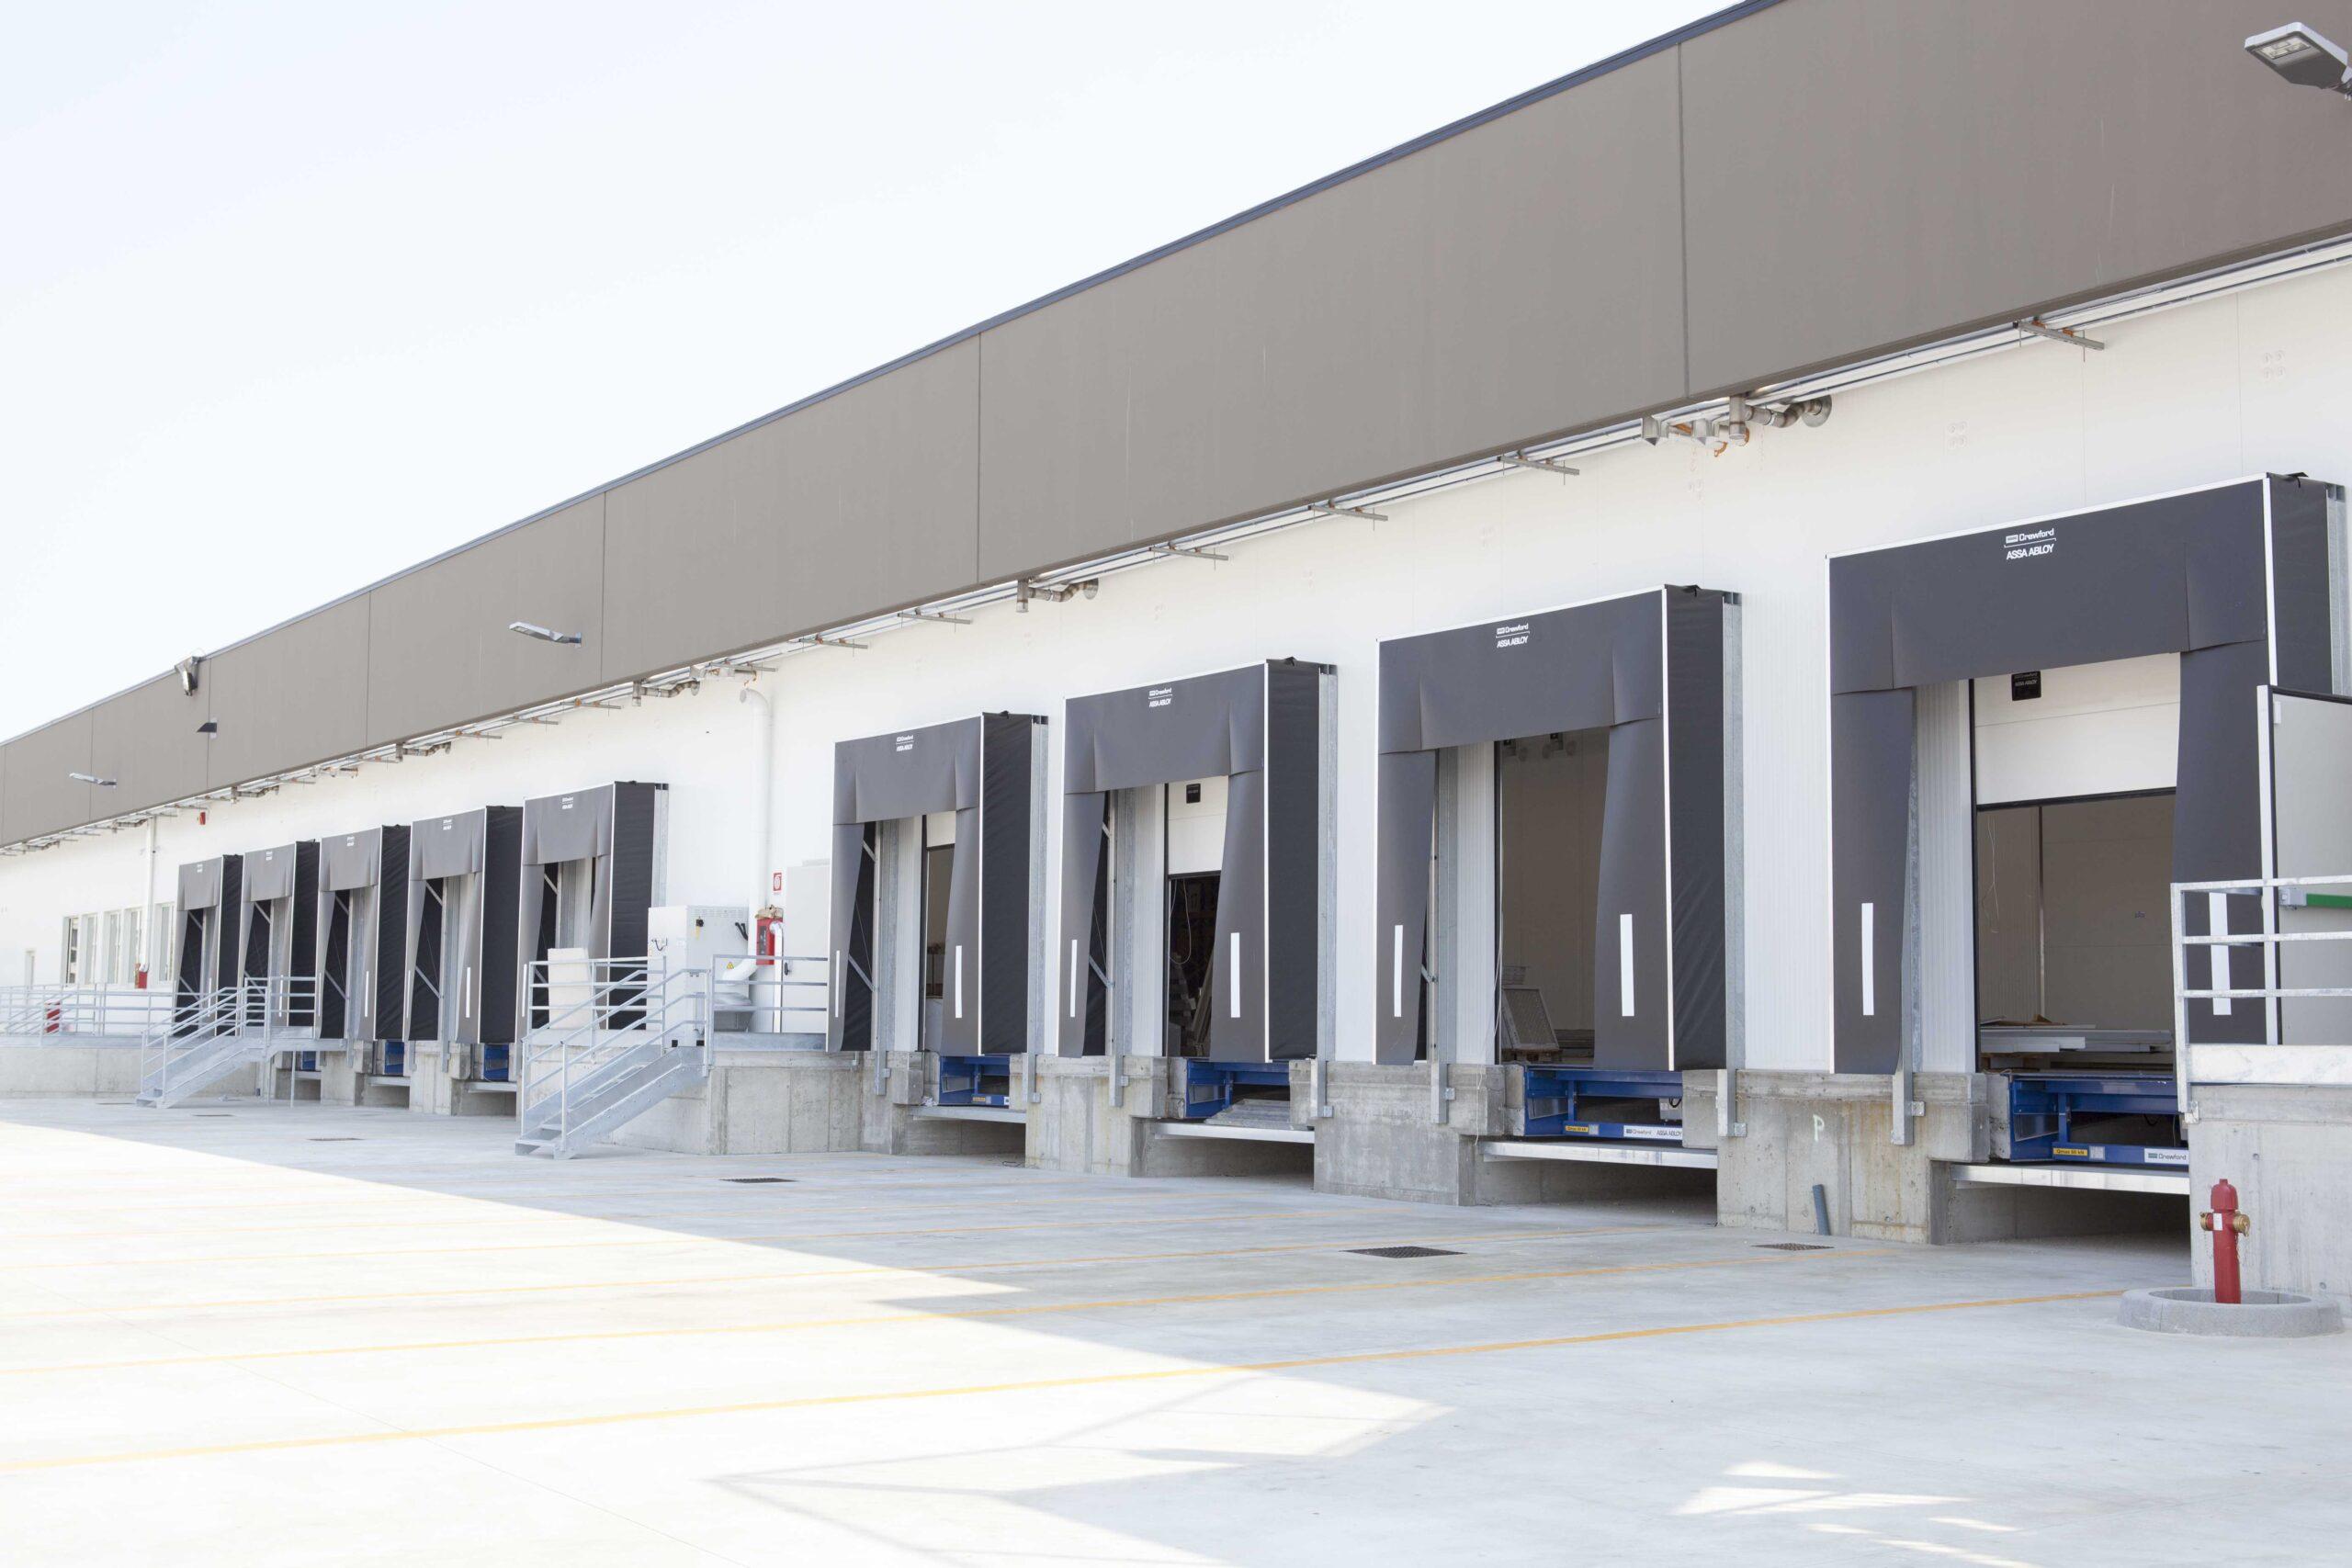 Baie di carico immobile completato Comavicola | SQM Real Estate miglior agenzia immobiliare per aziende industria terreni logistica sviluppo immobiliare